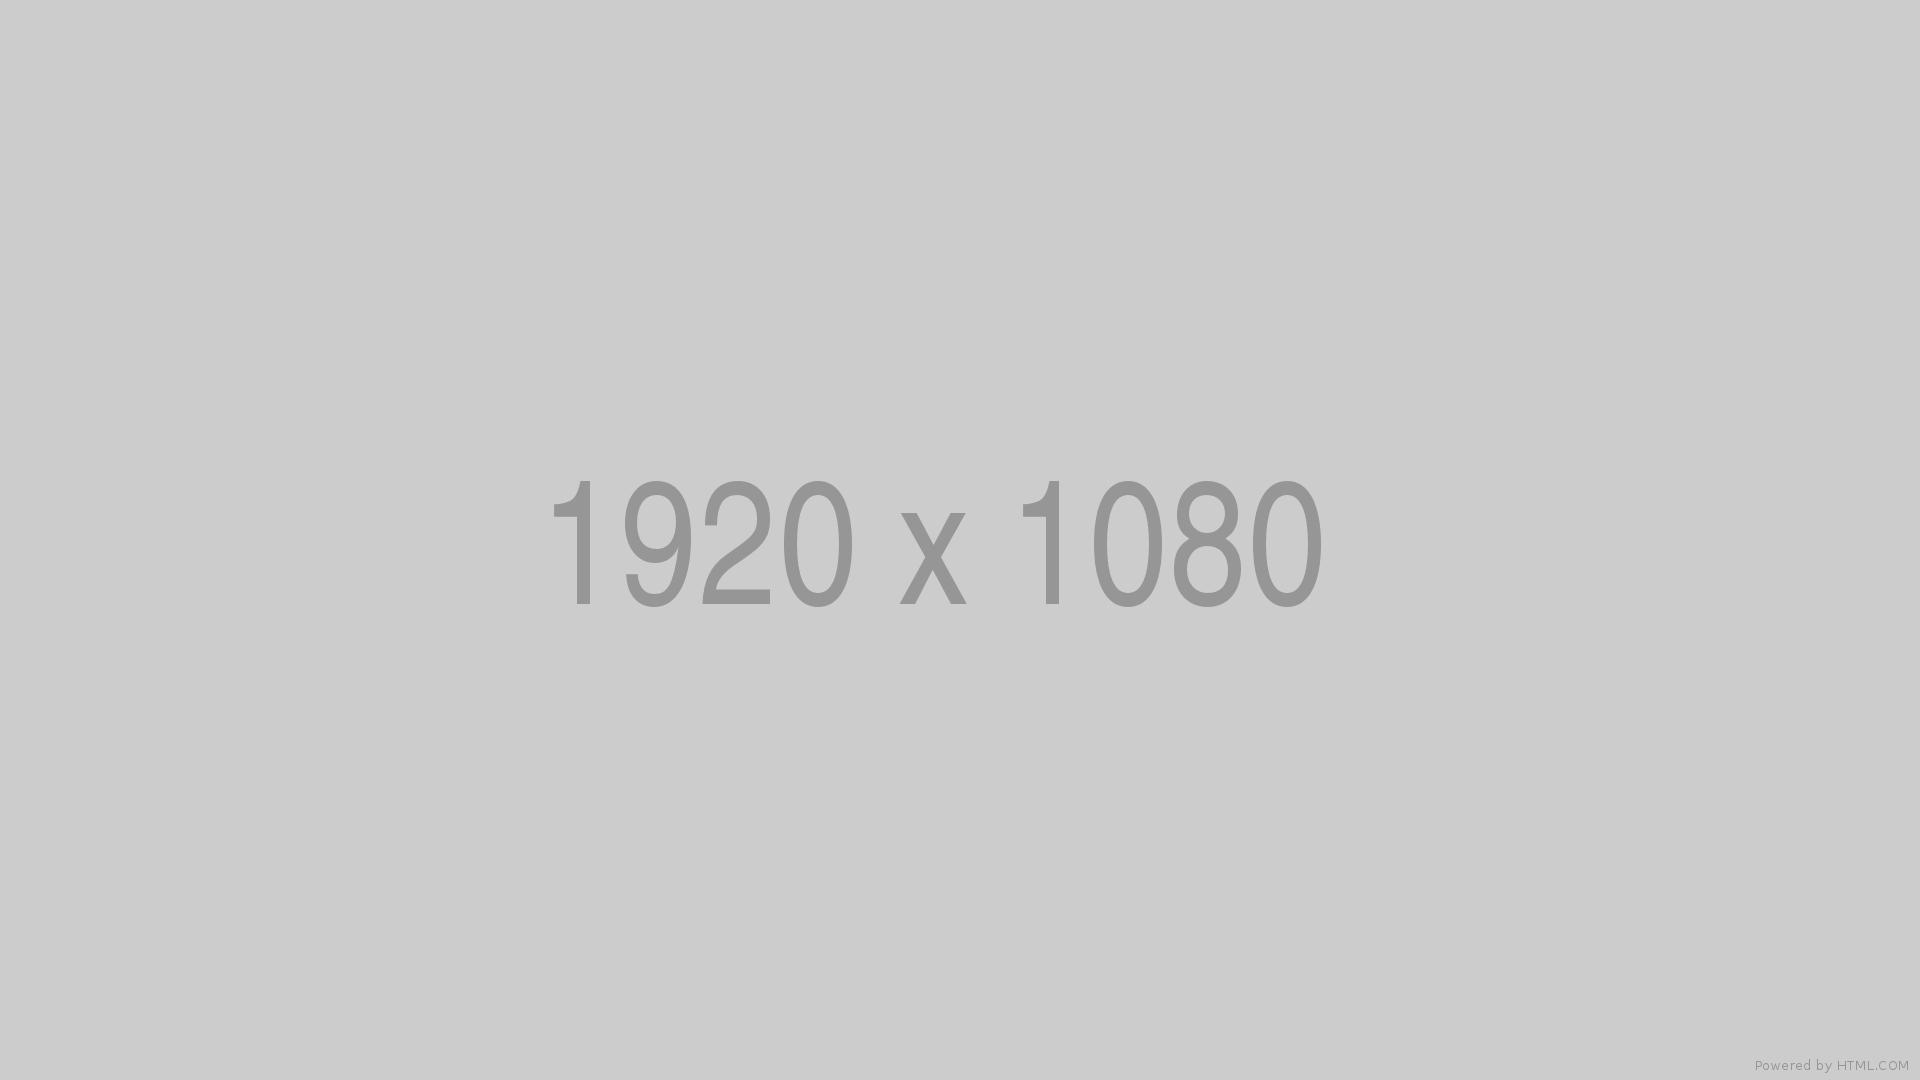 Placeholder 1920 par 1080